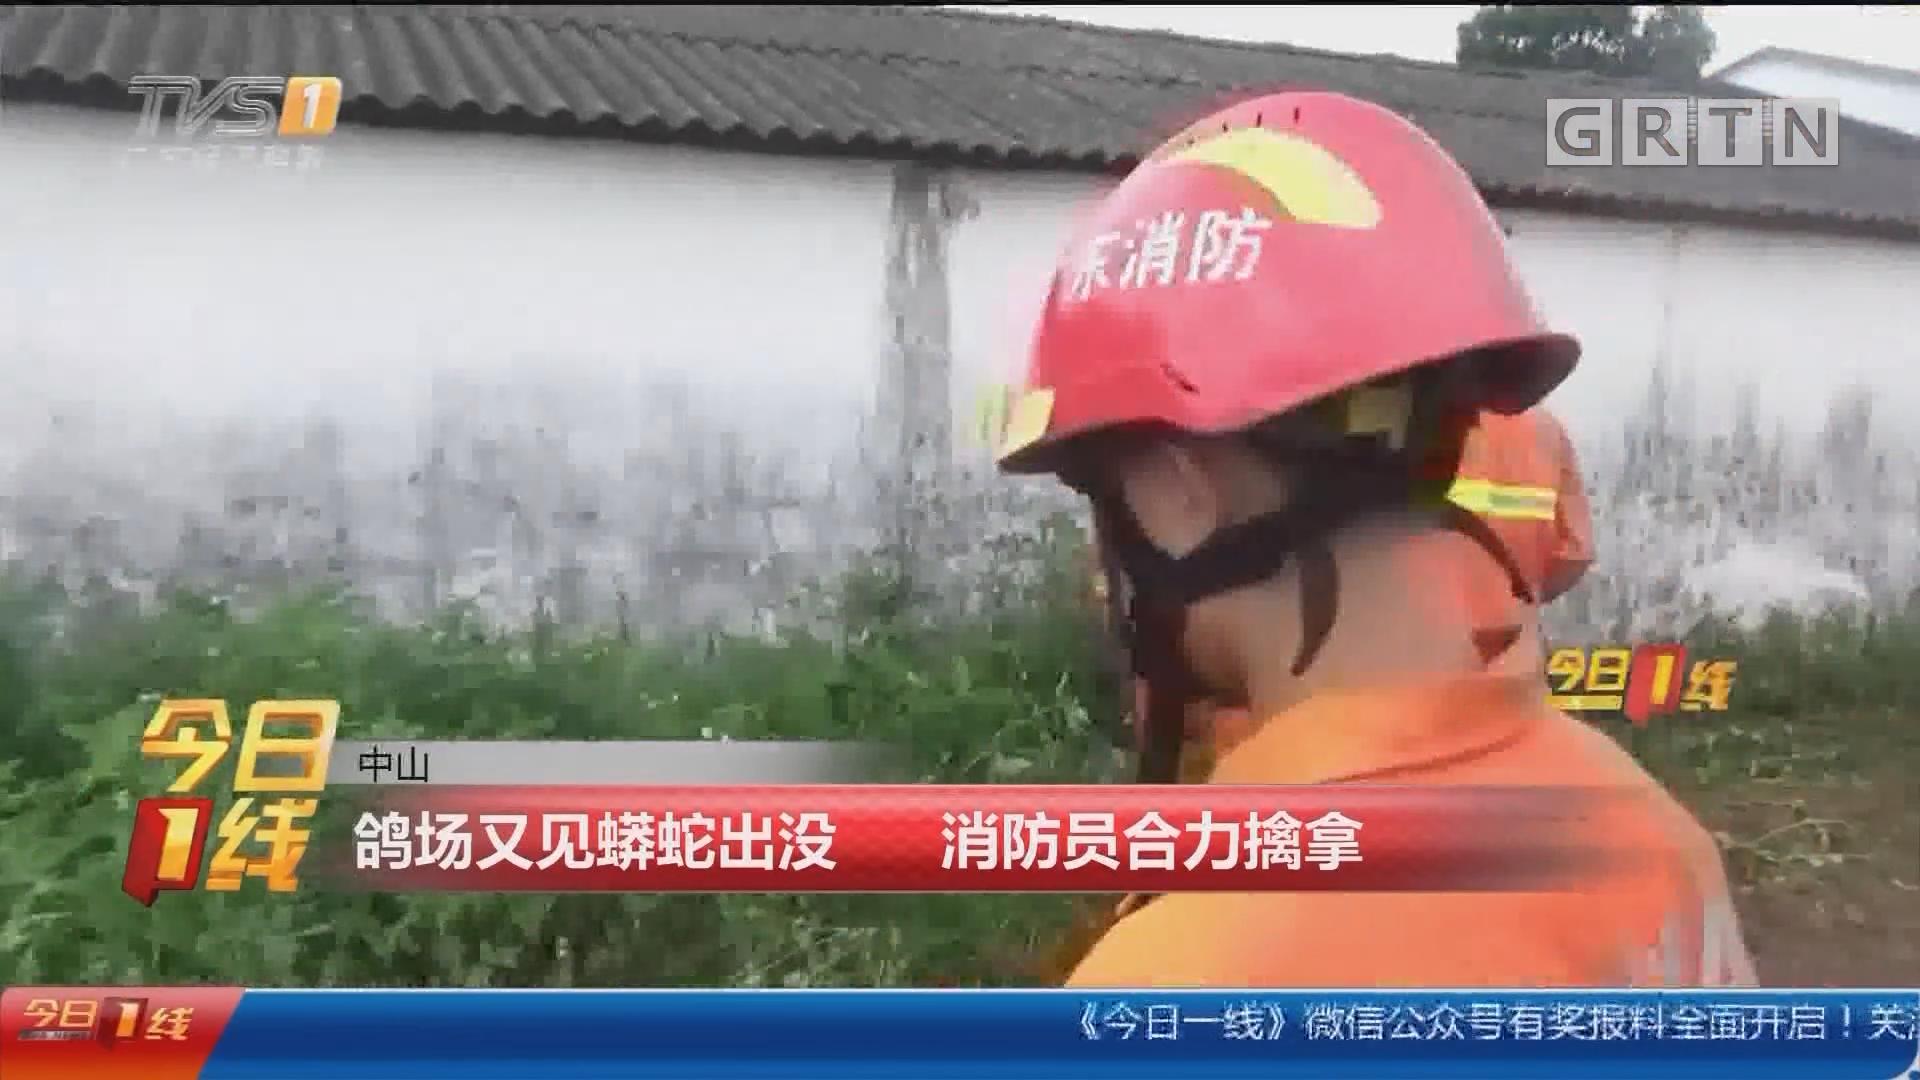 中山:鸽场又见蟒蛇出没 消防员合力擒拿